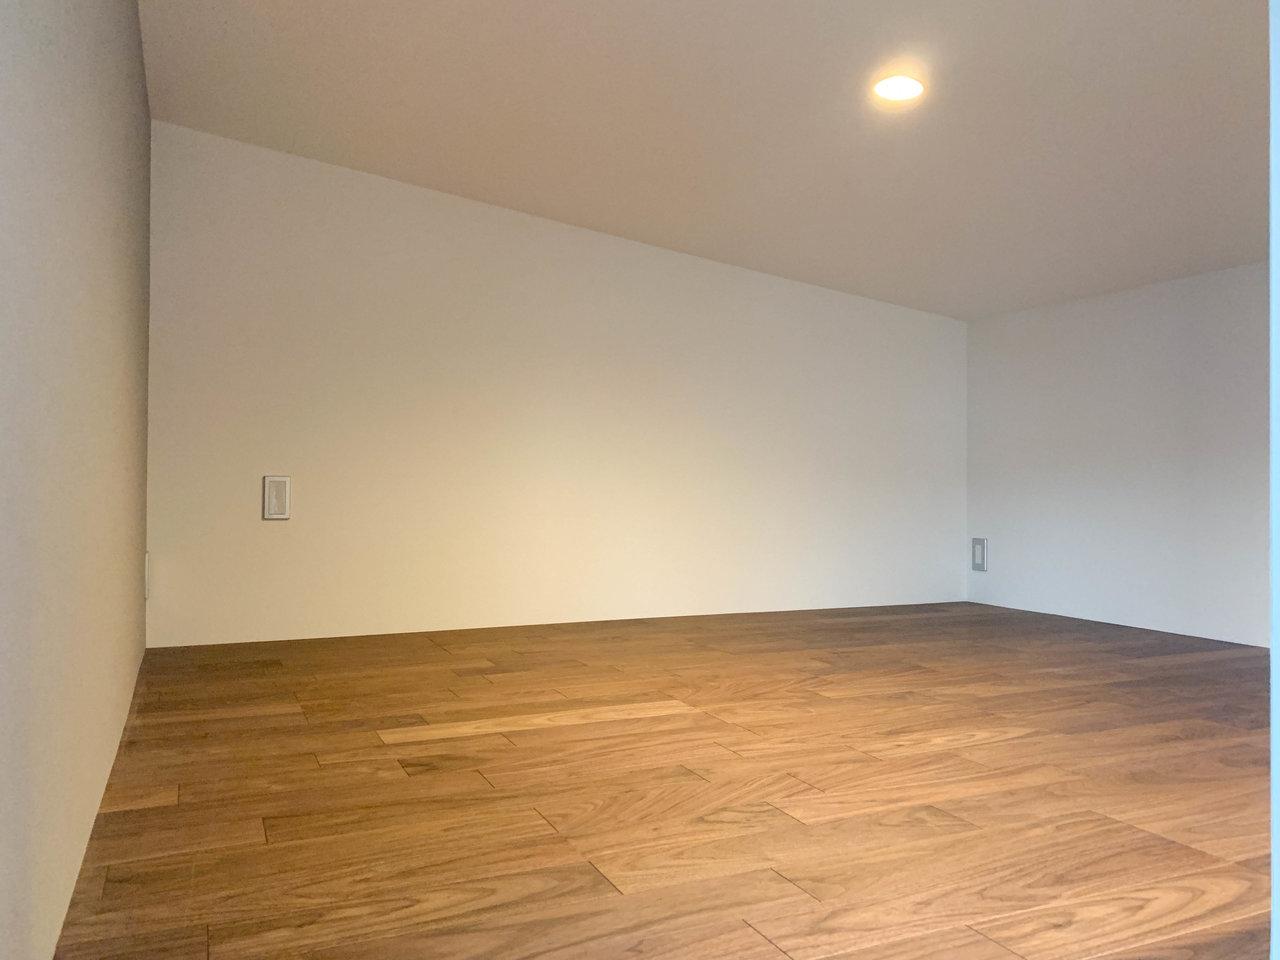 階段を上がるとロフトスペースに。寝室として使えそう。ロフト下にもちょっとしたスペースがありますよ。ロフト部分と比較して、居心地の良いほうを寝室に使うのもアリですね。